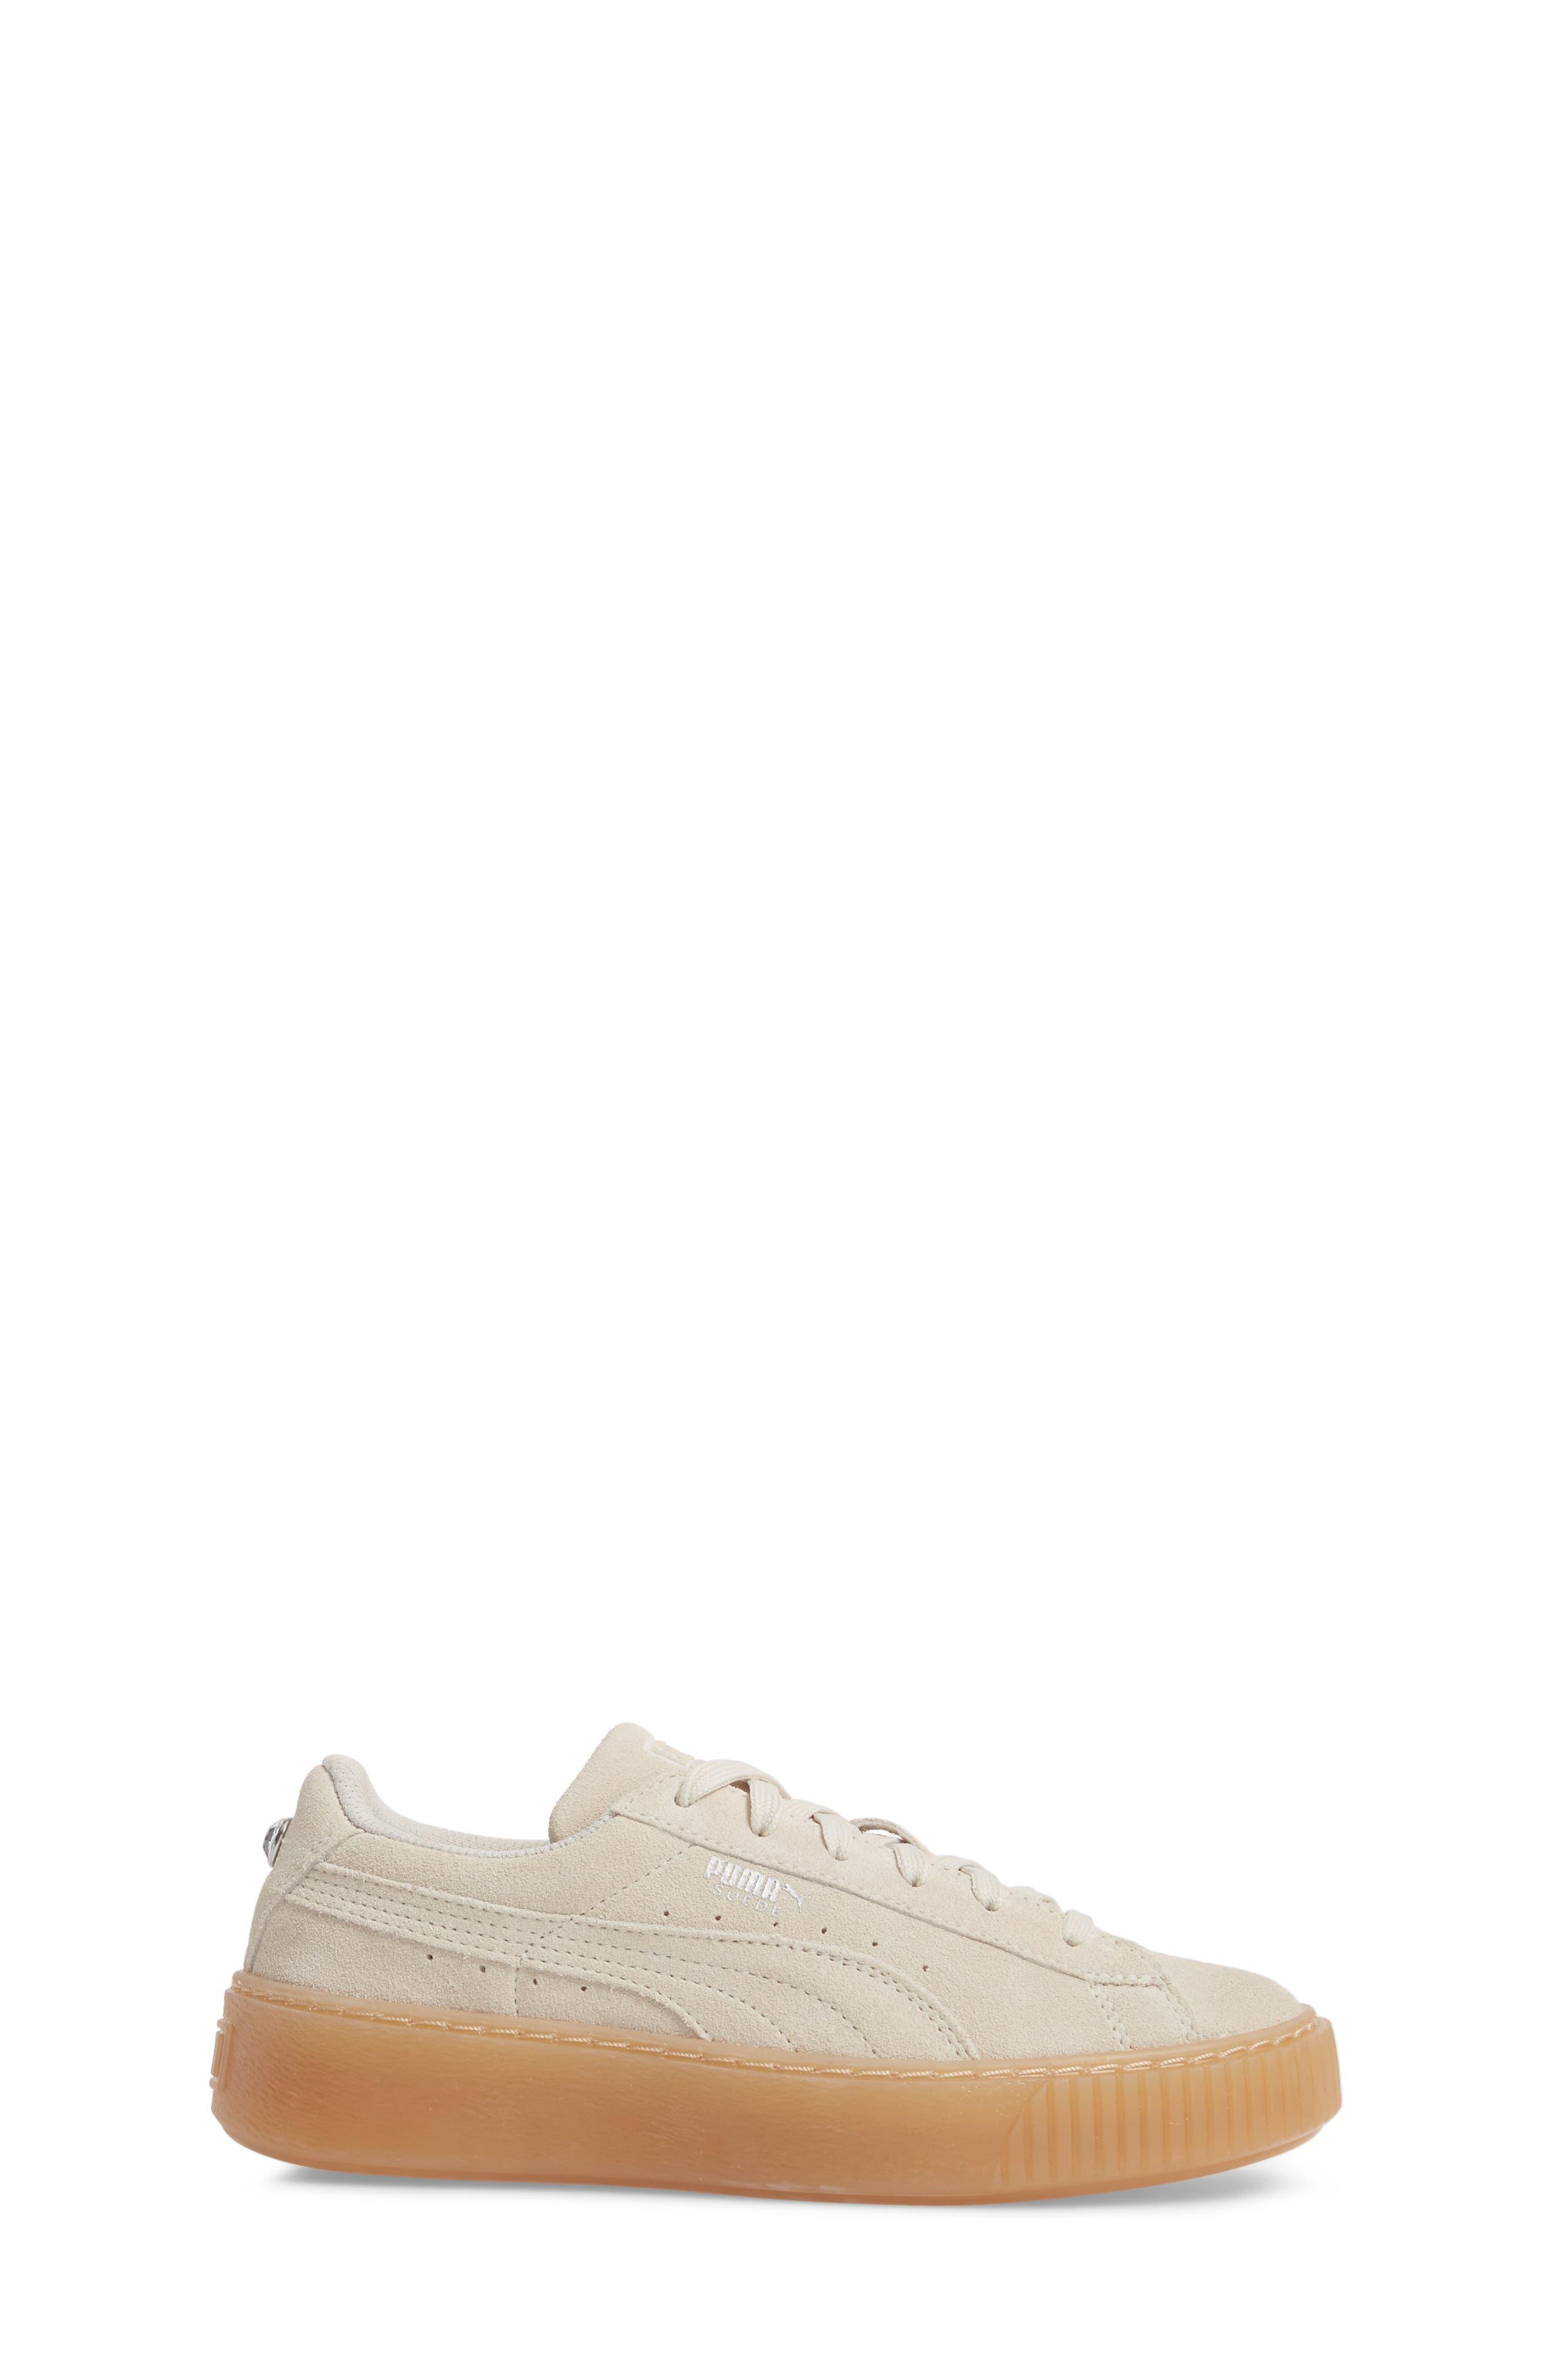 Jewel Suede Platform Sneaker,                             Alternate thumbnail 3, color,                             Whisper White/ Whisper White